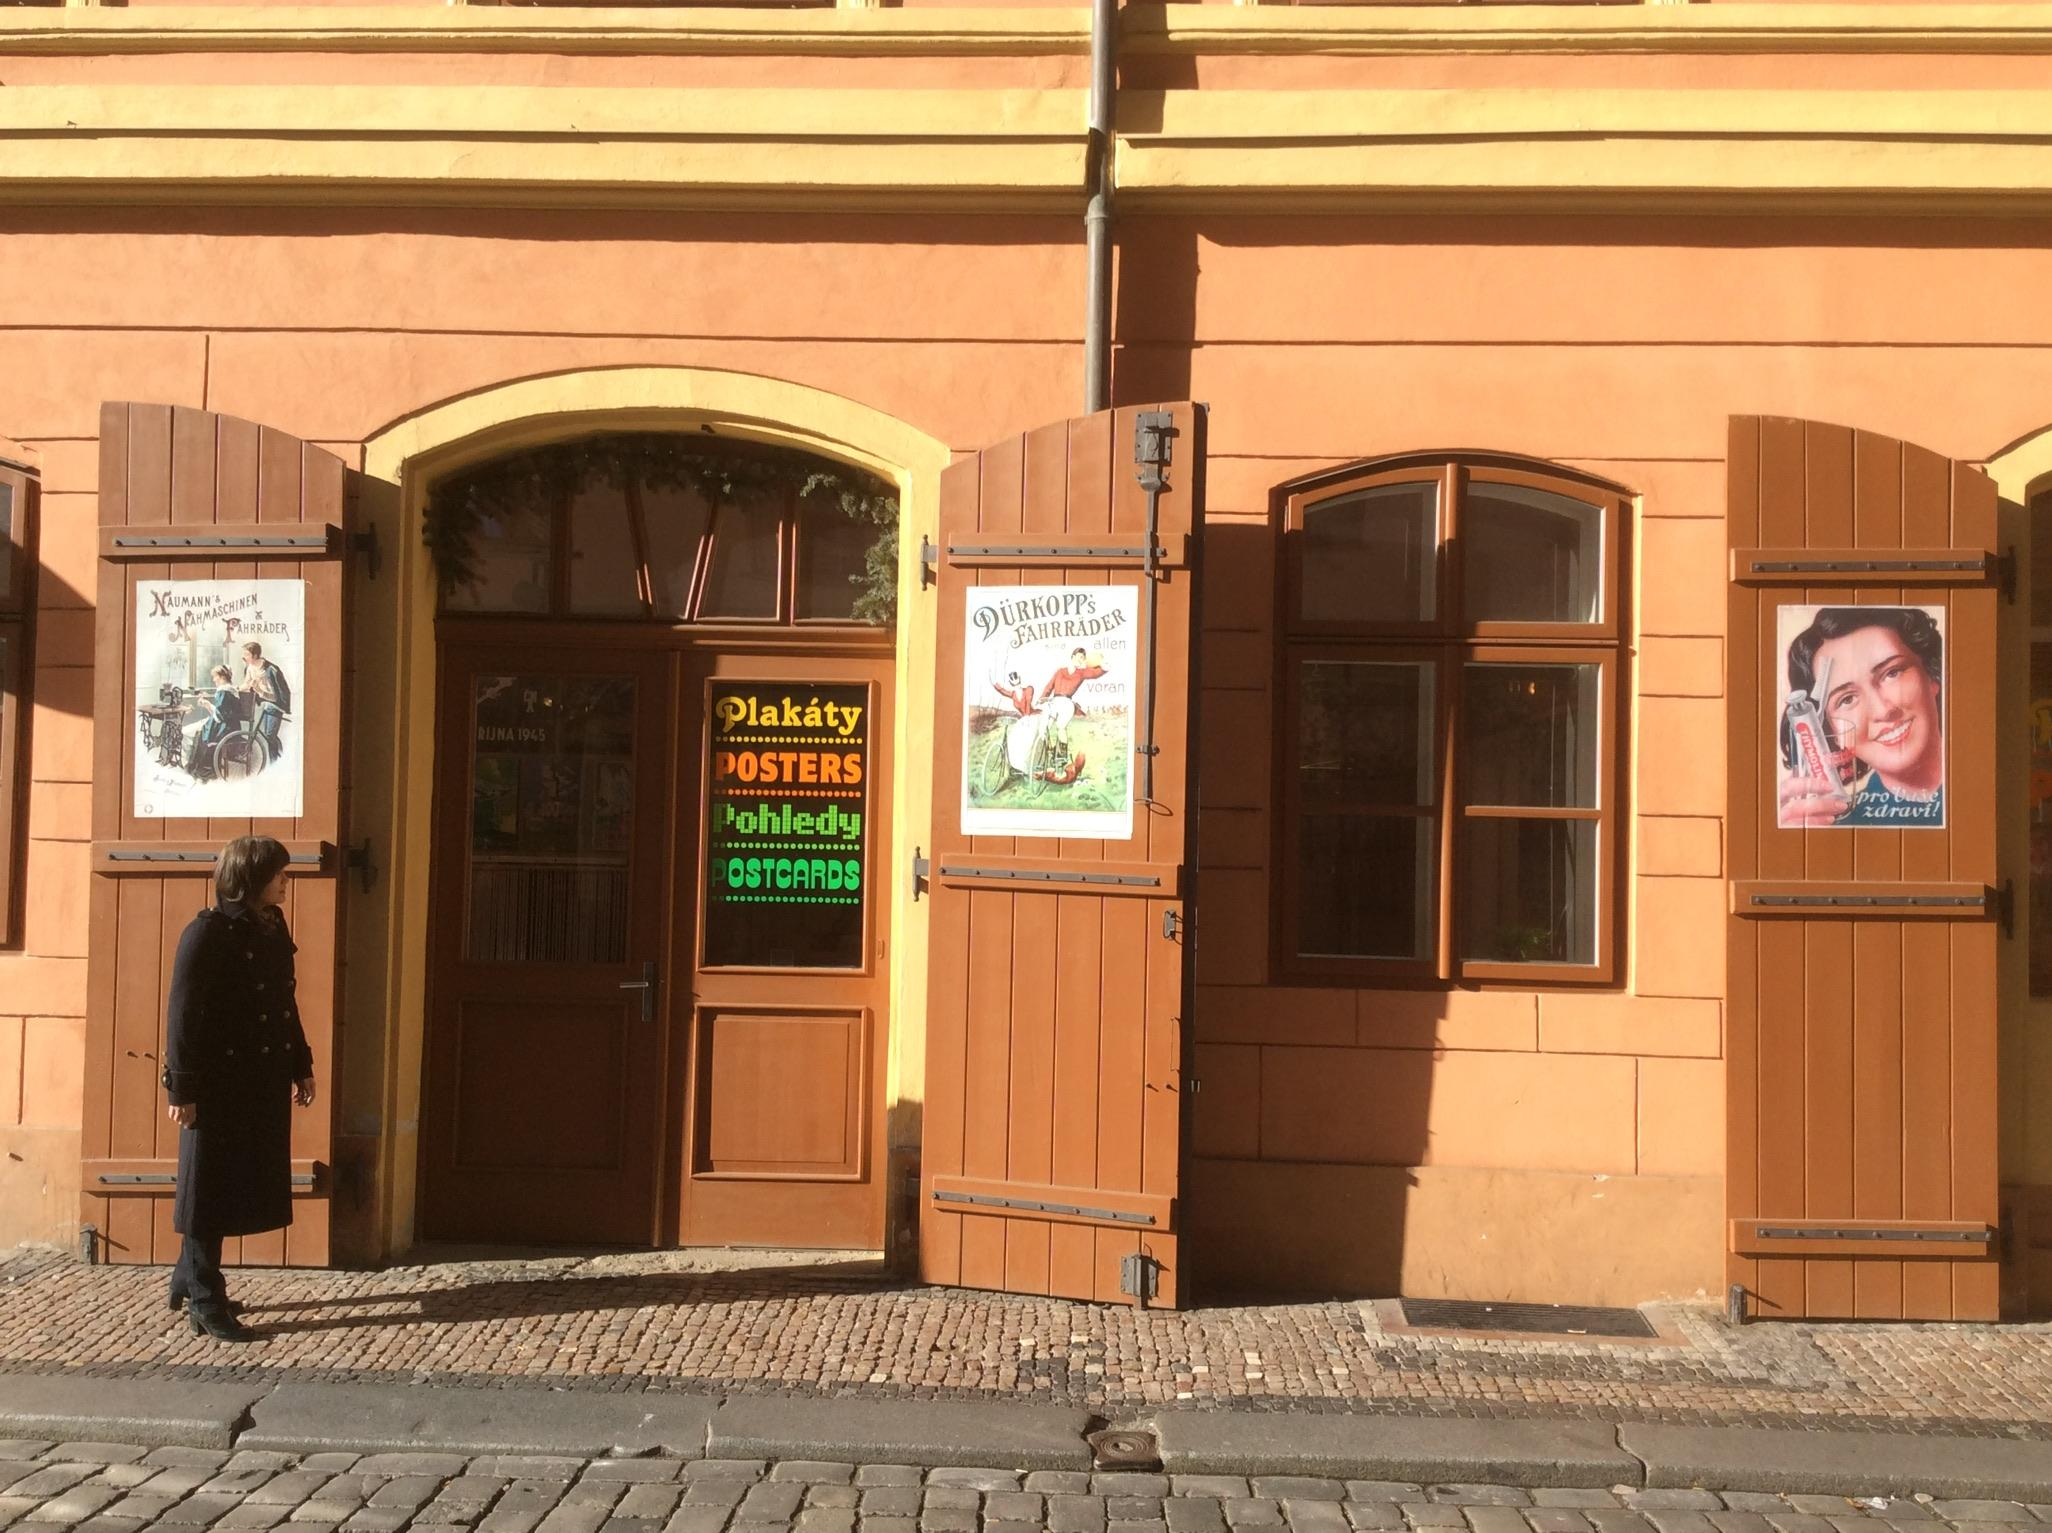 ídlo v ulici Rybná 21 na Starém Městě po rekonstrukci...